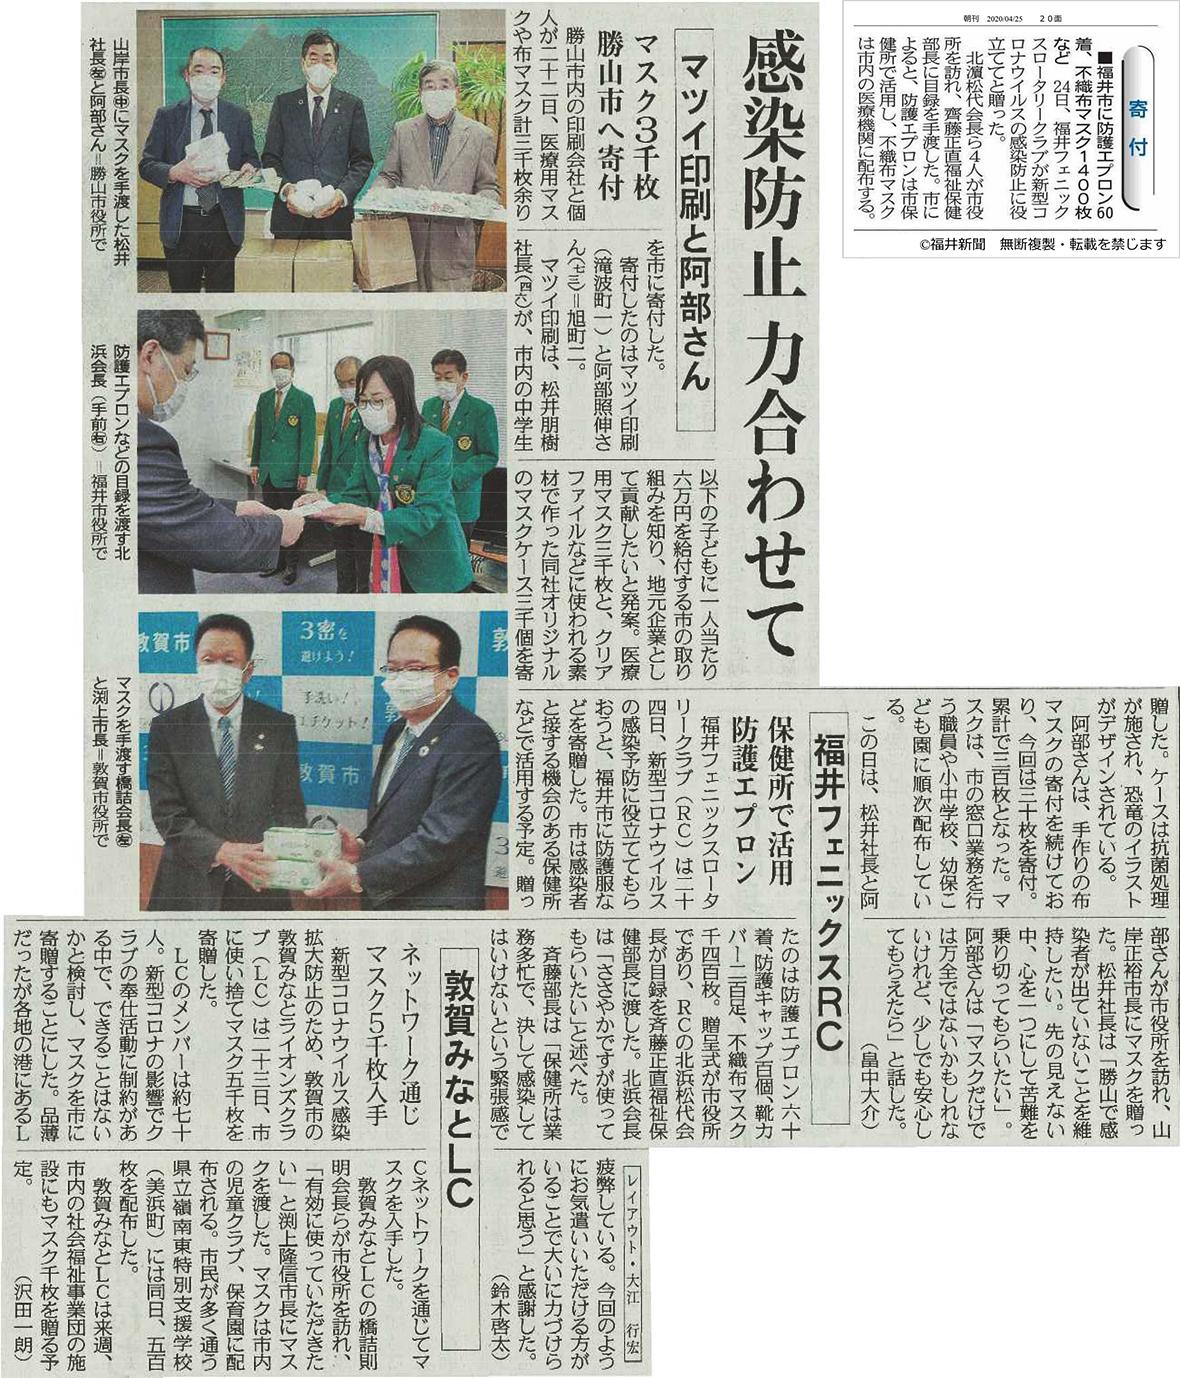 ウイルス コロナ 福井 新聞